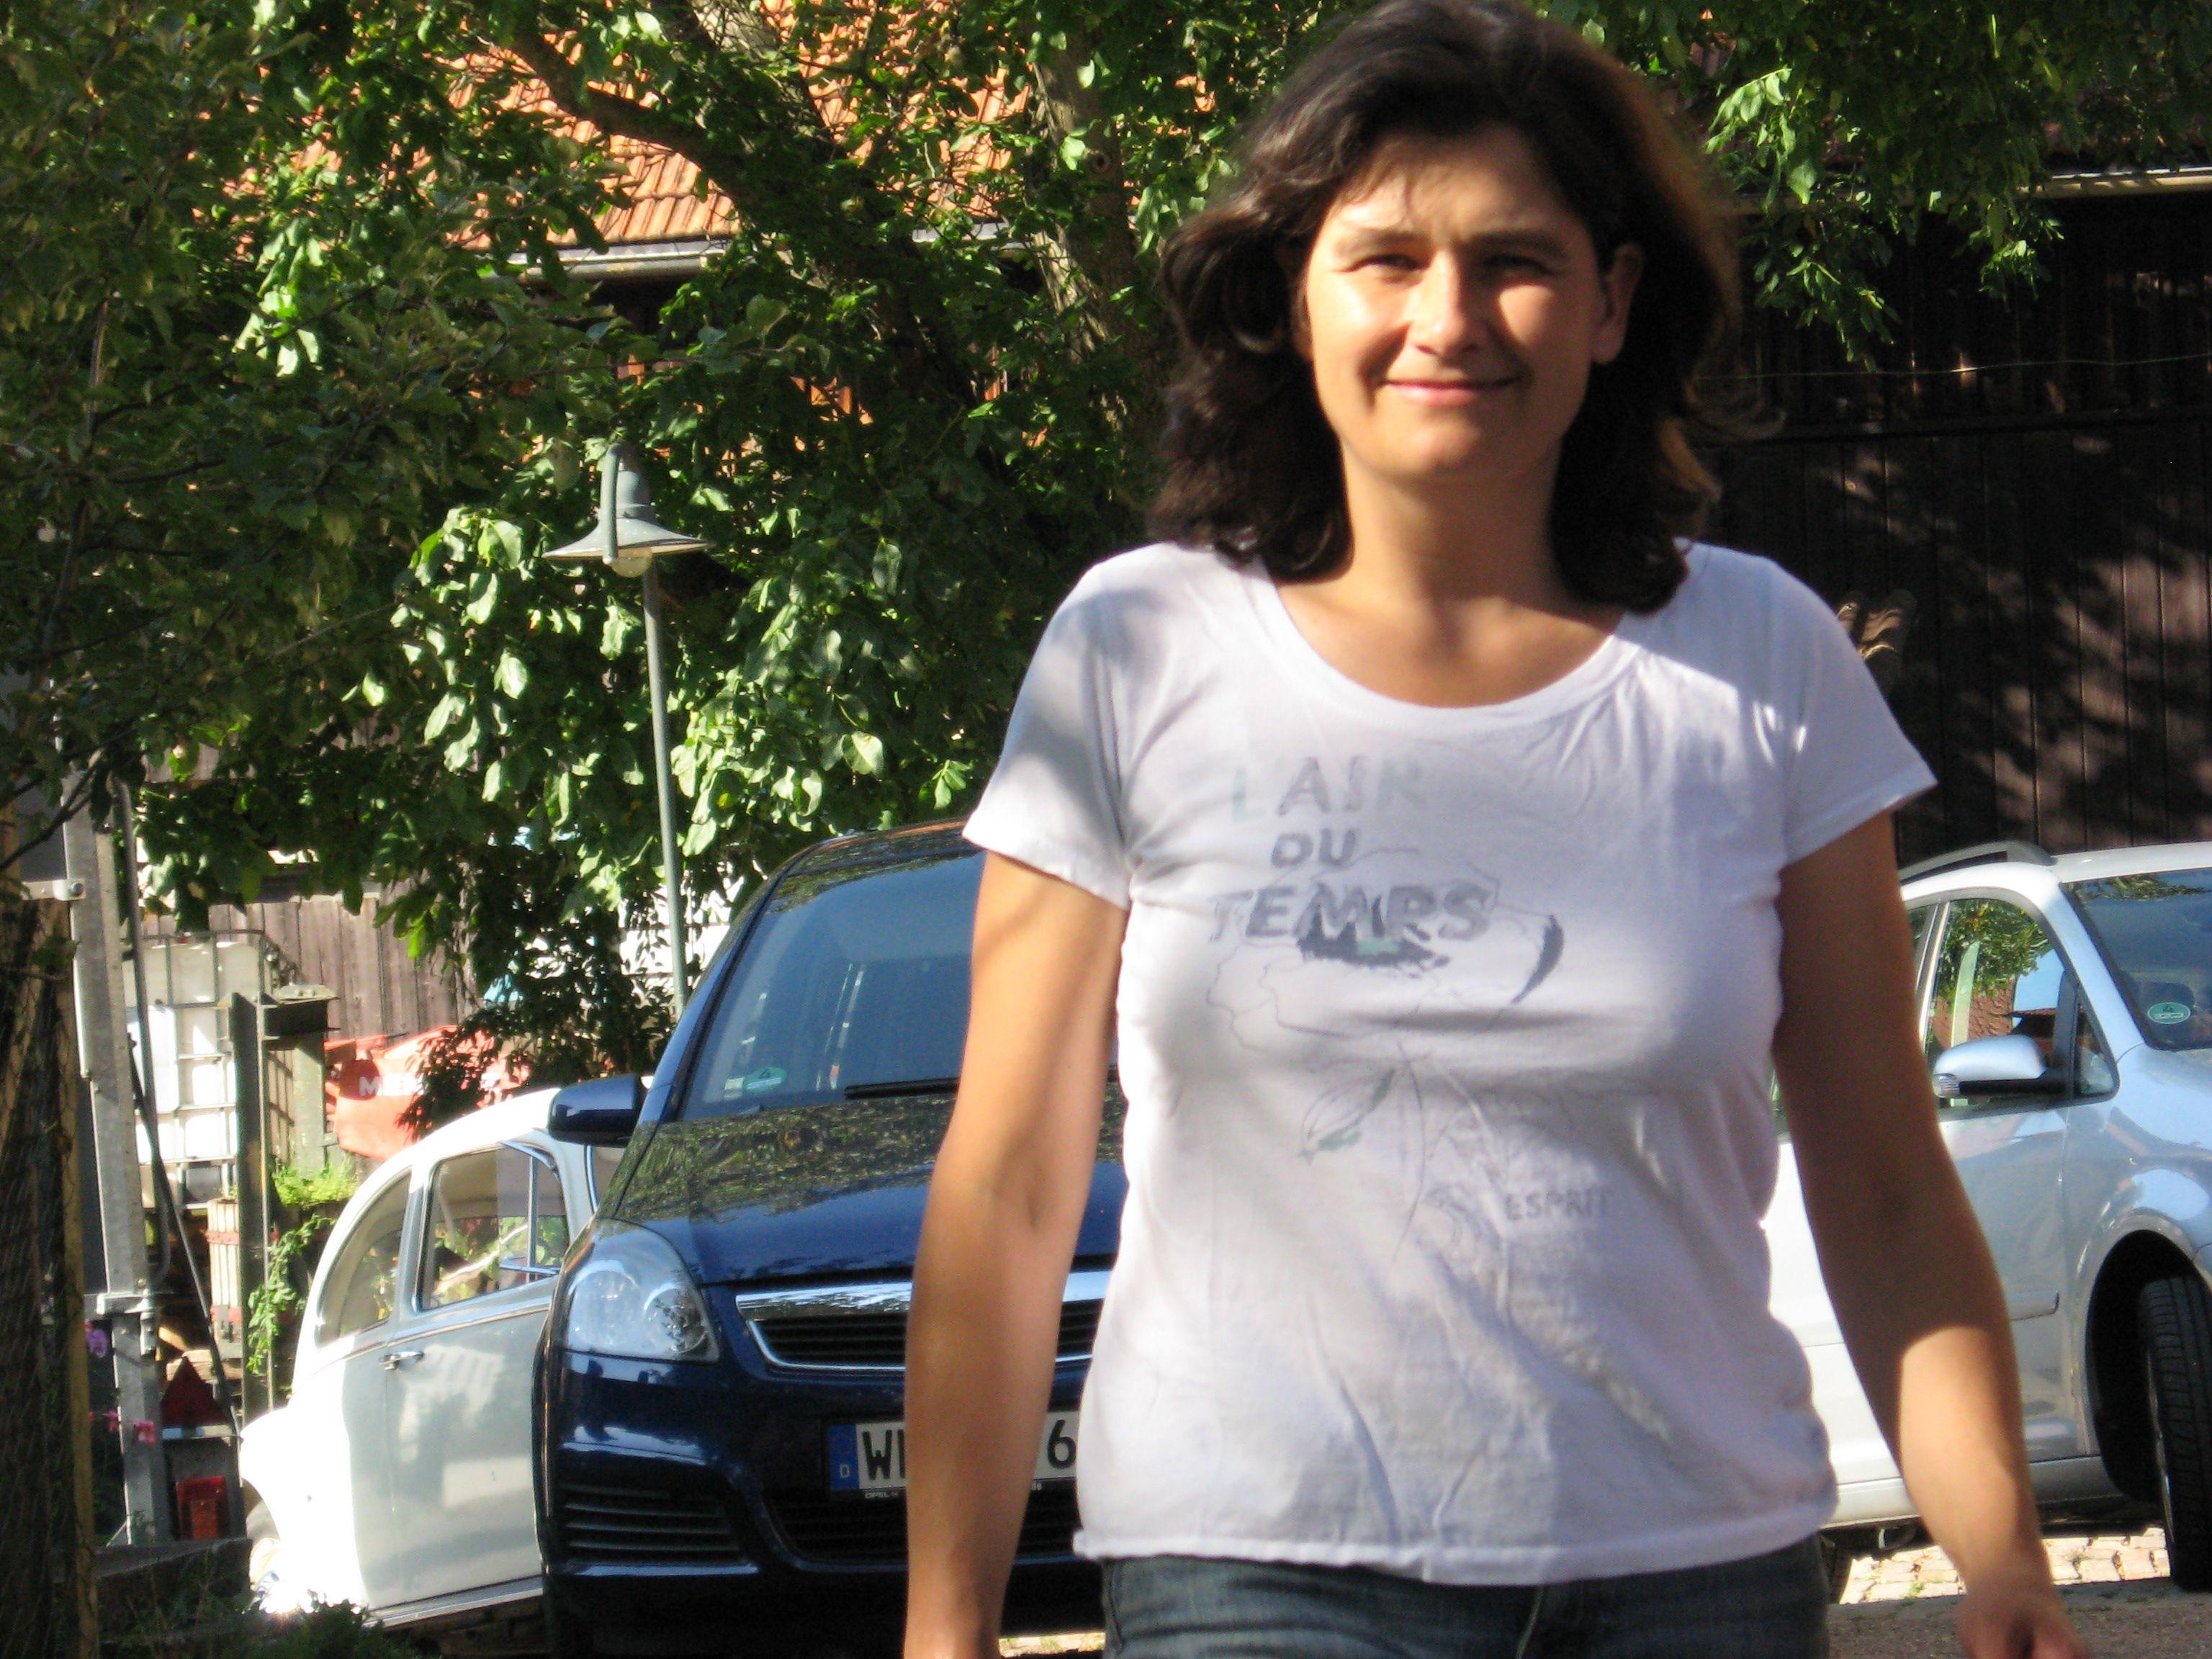 Sommer2009 137.jpg